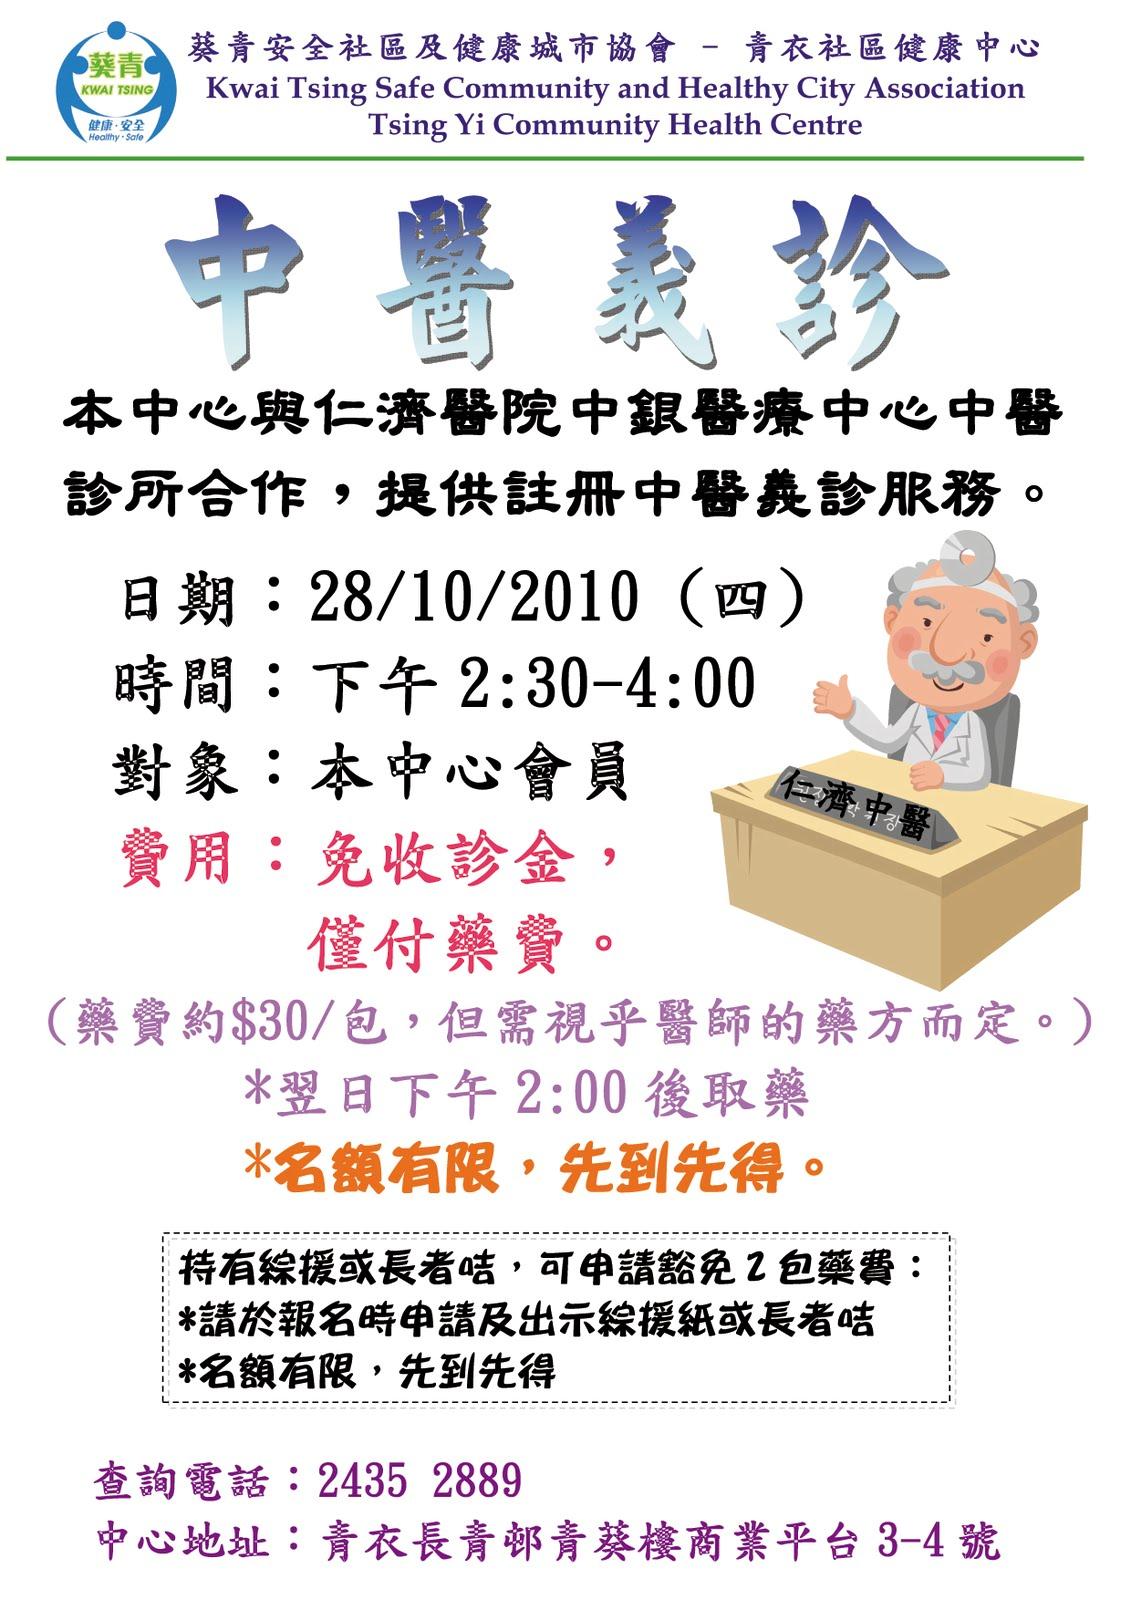 葵青安全社區及健康城市協會 青衣社區健康中心